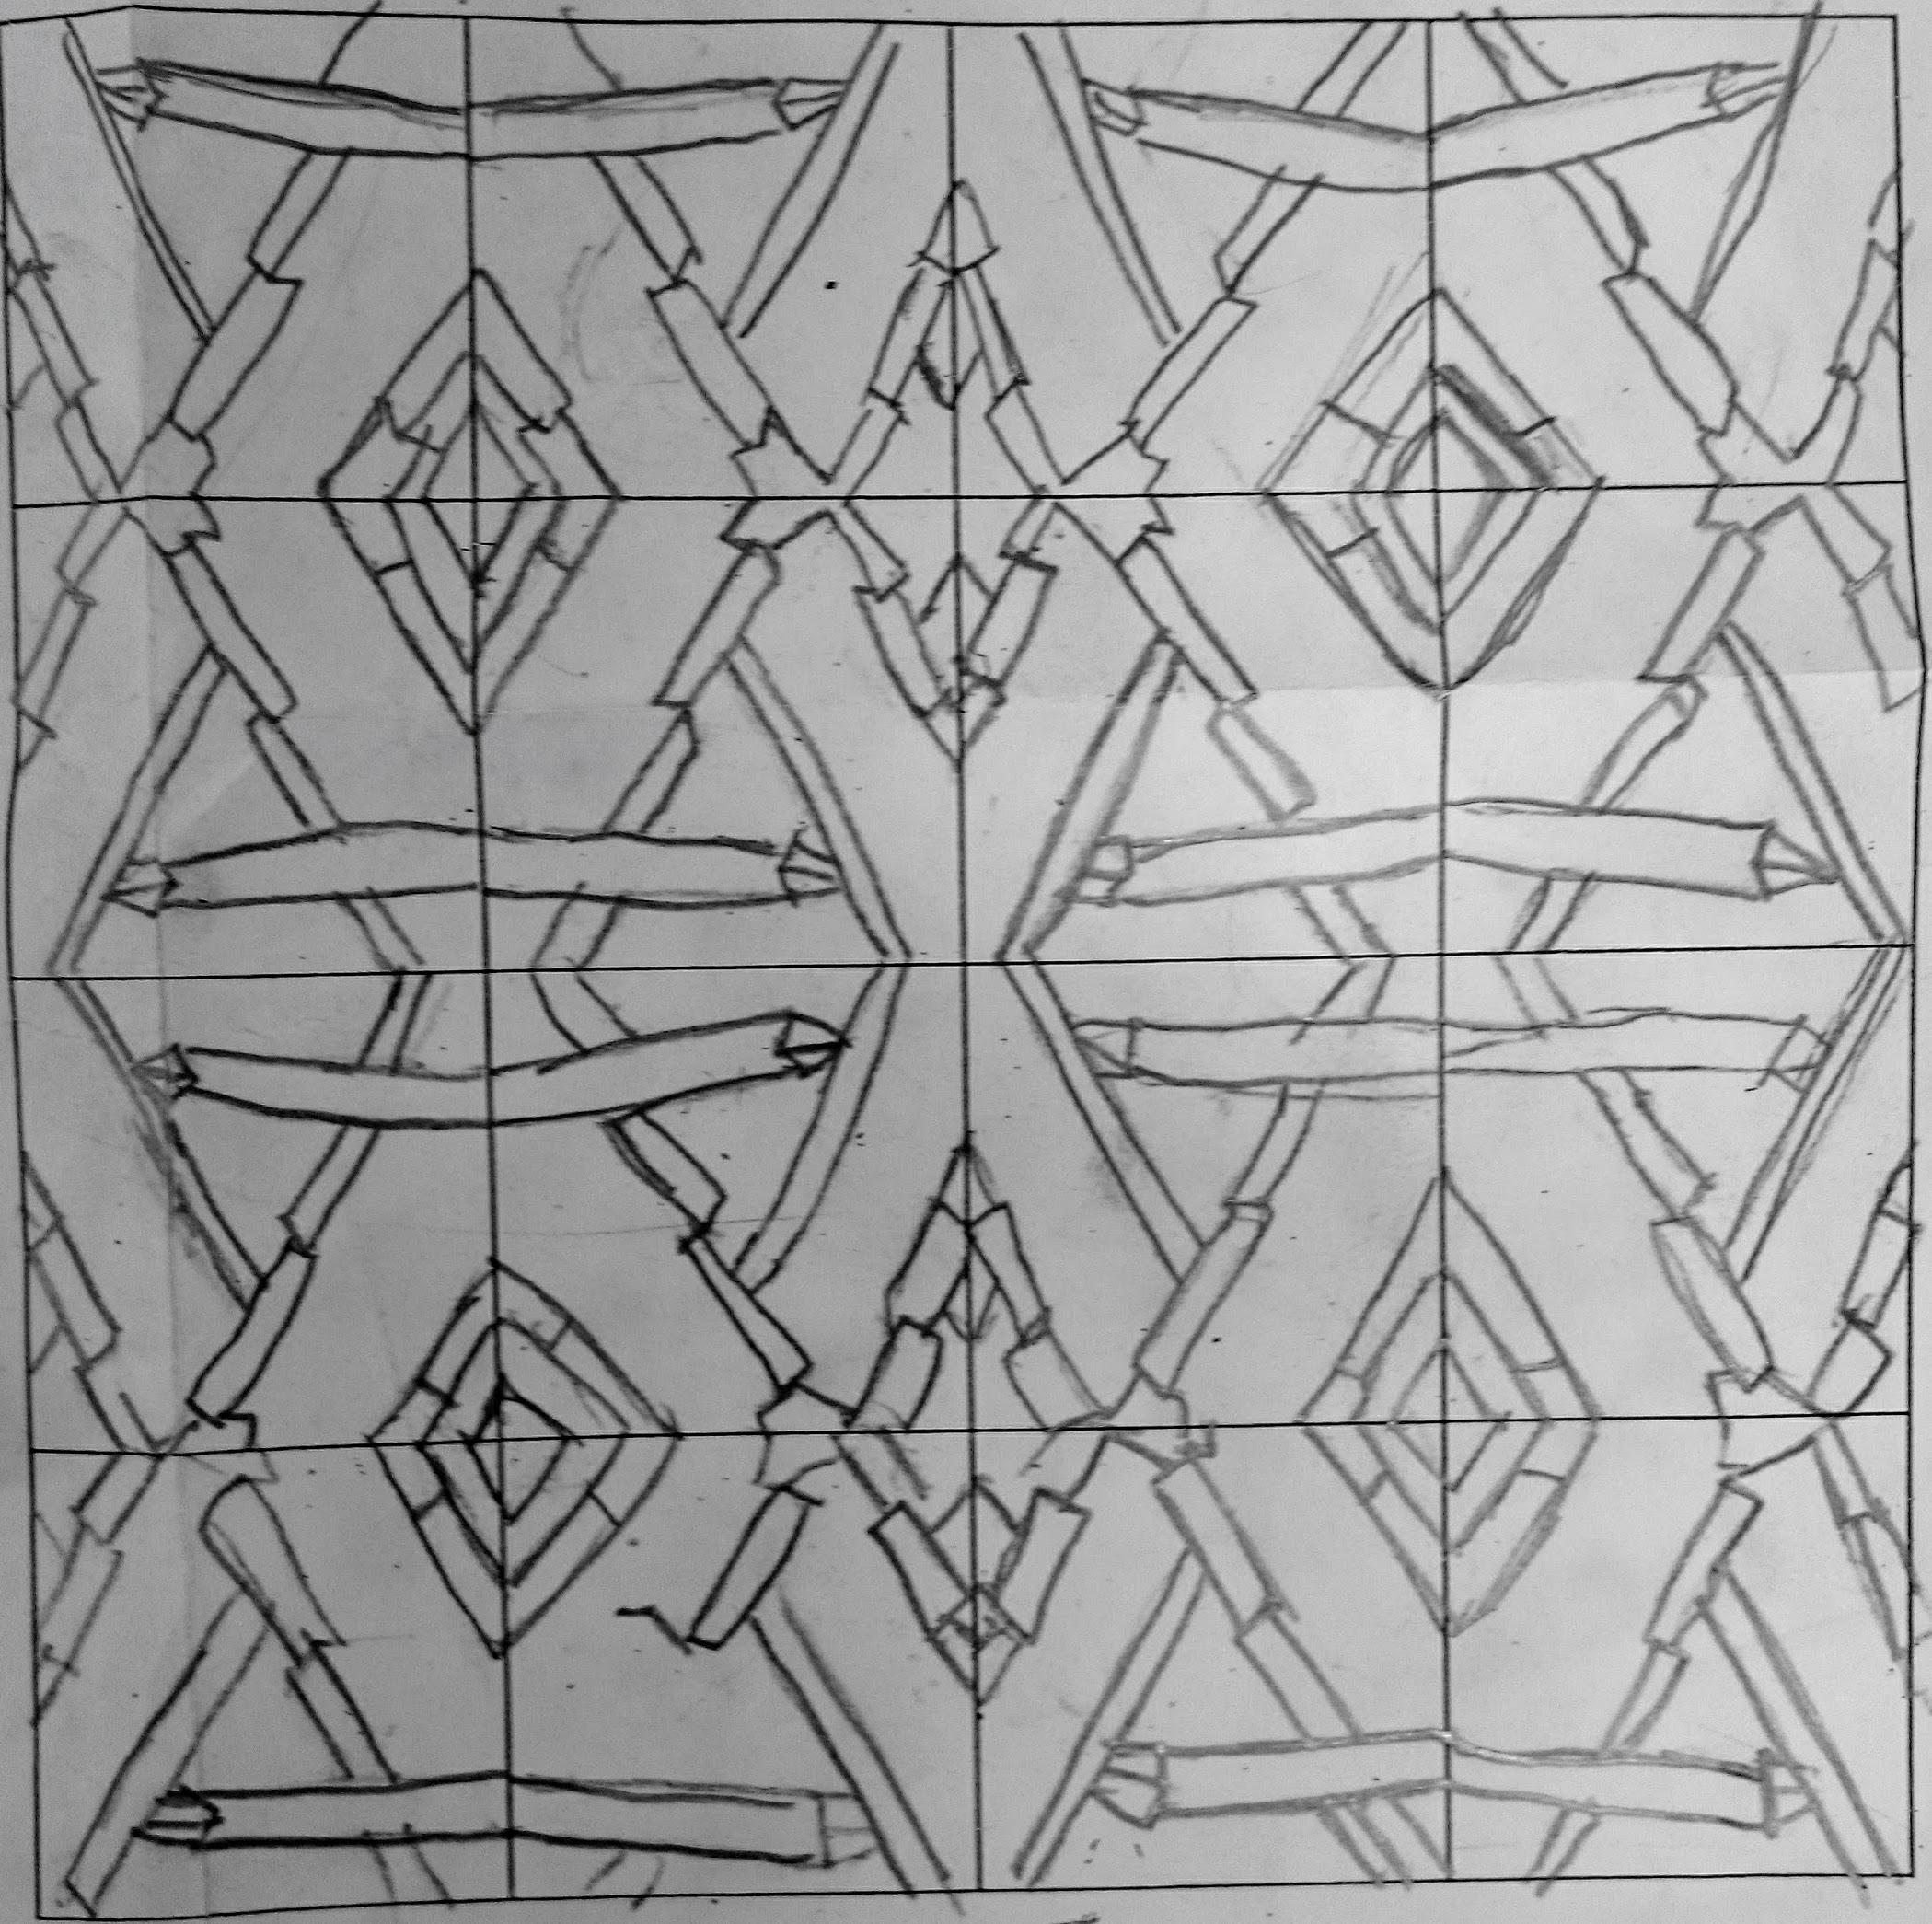 Ks3 Art Lessons Pattern Design